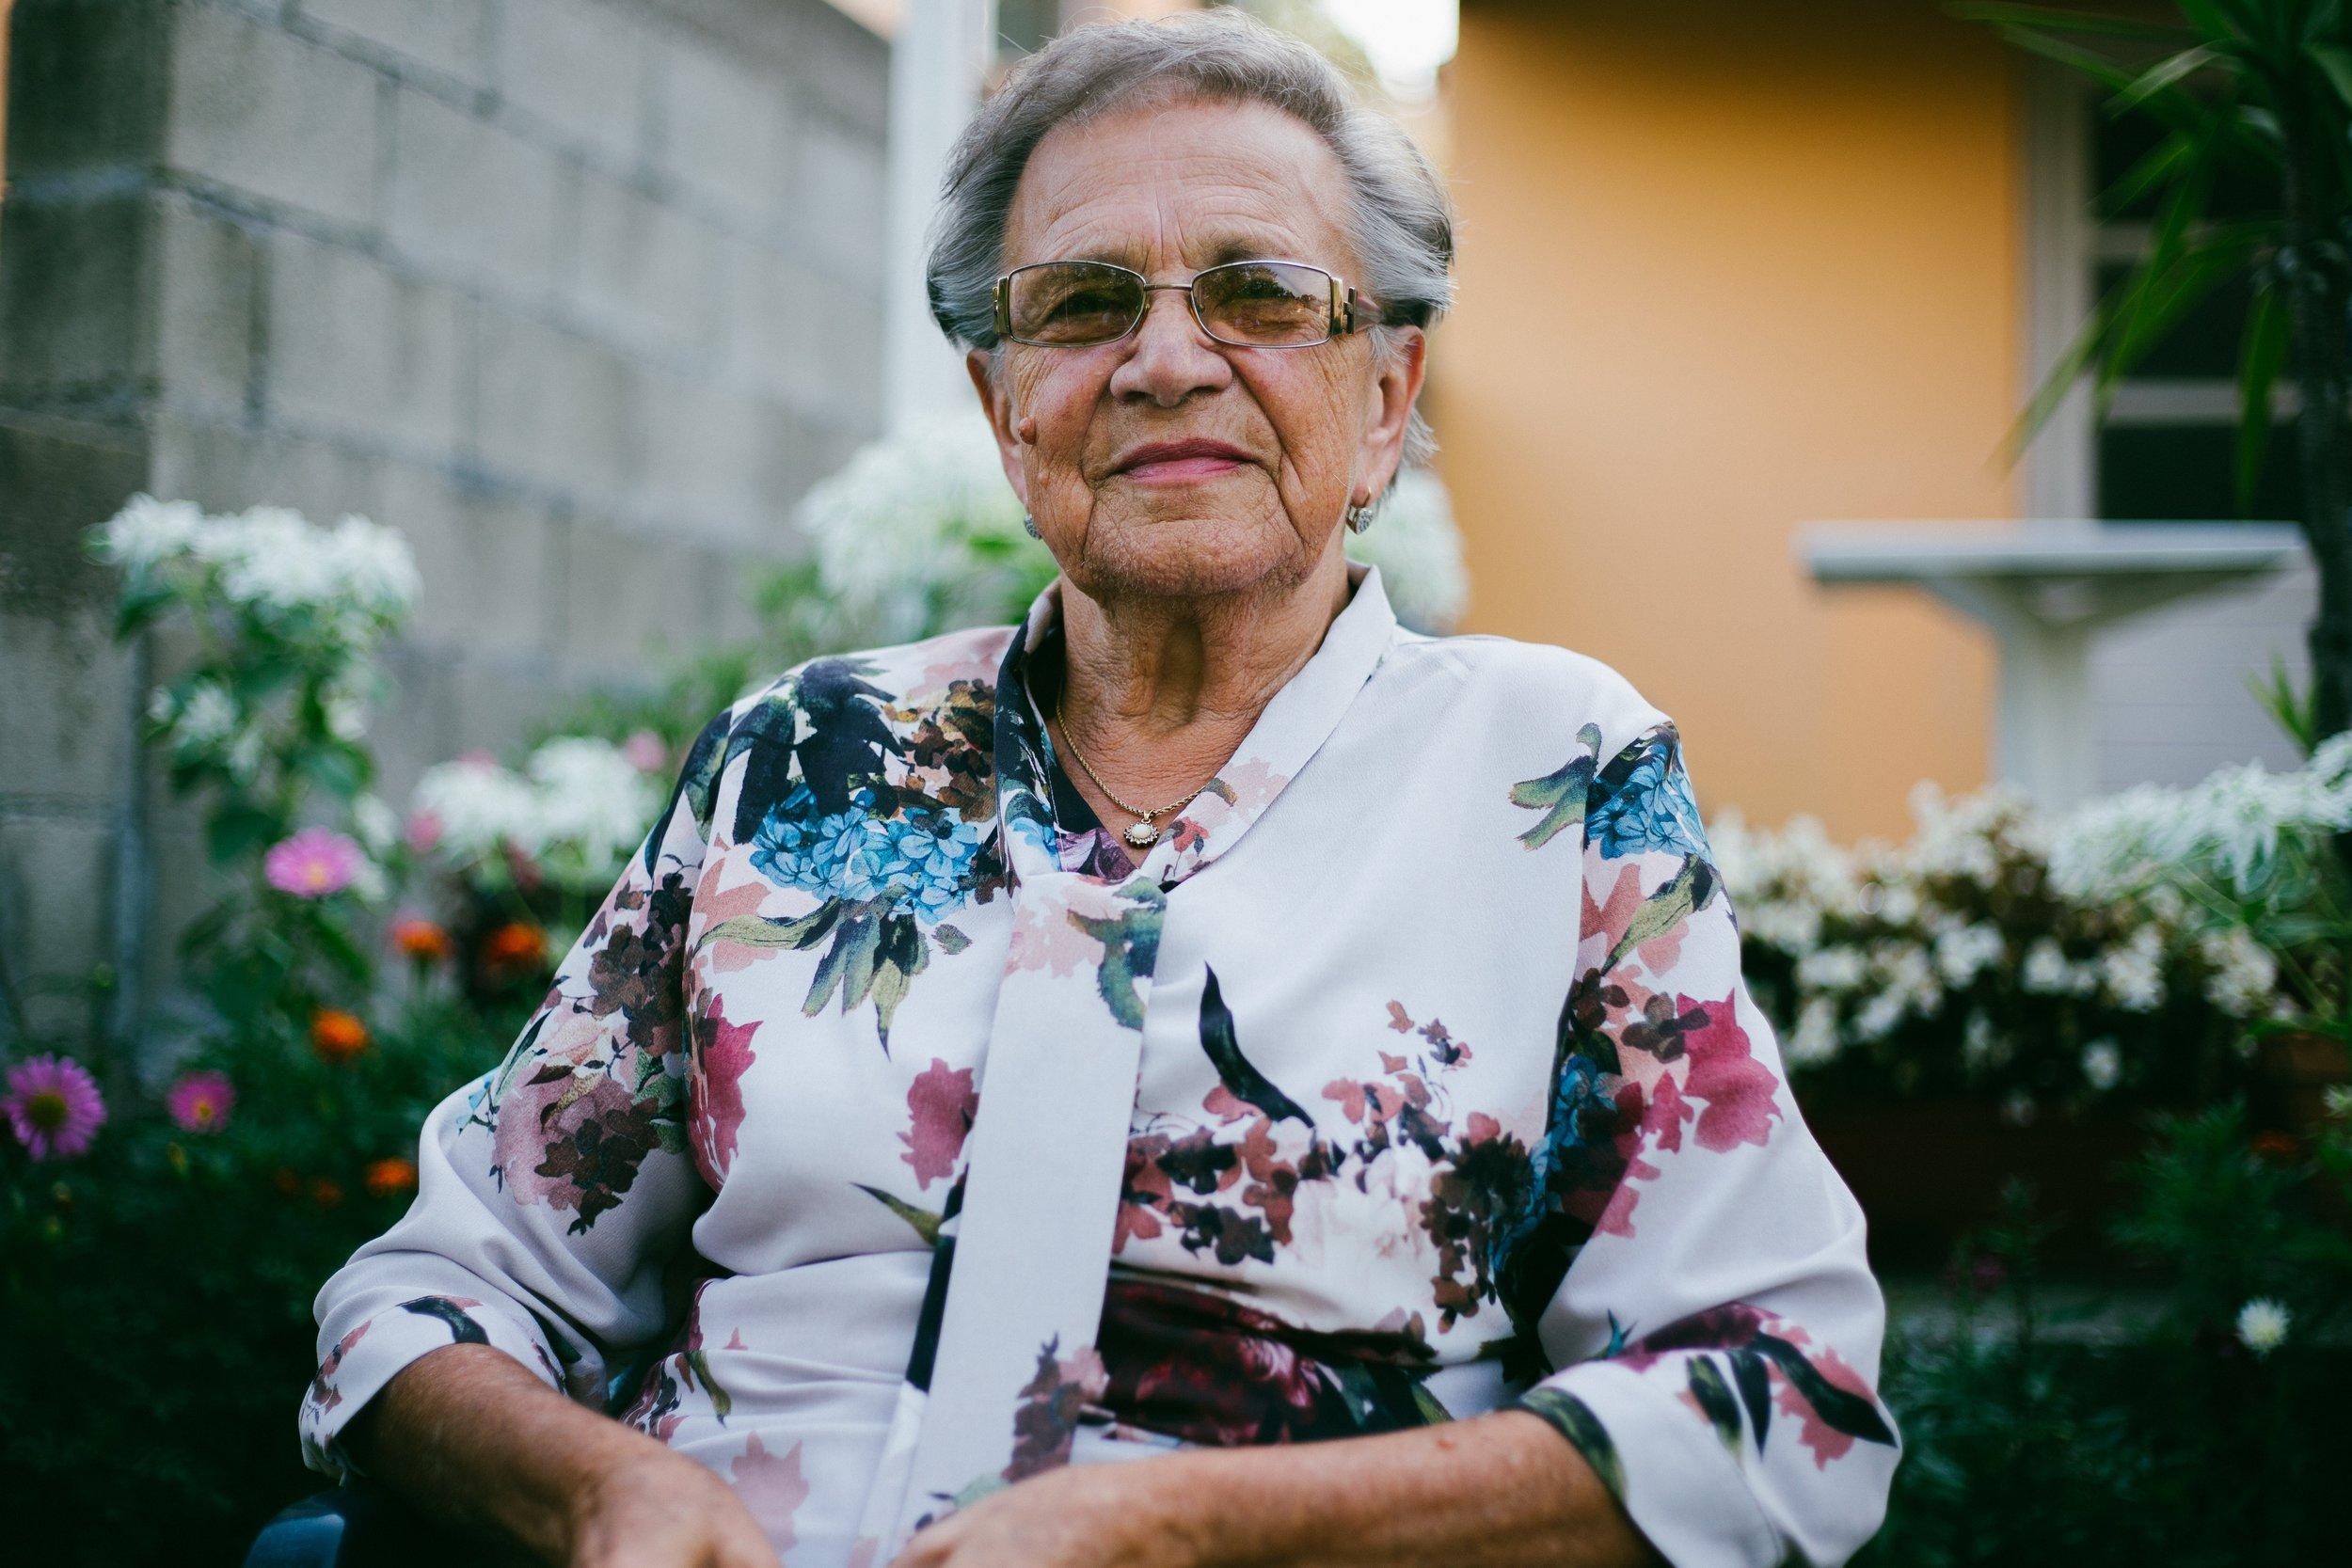 Seniors deserve quality care.